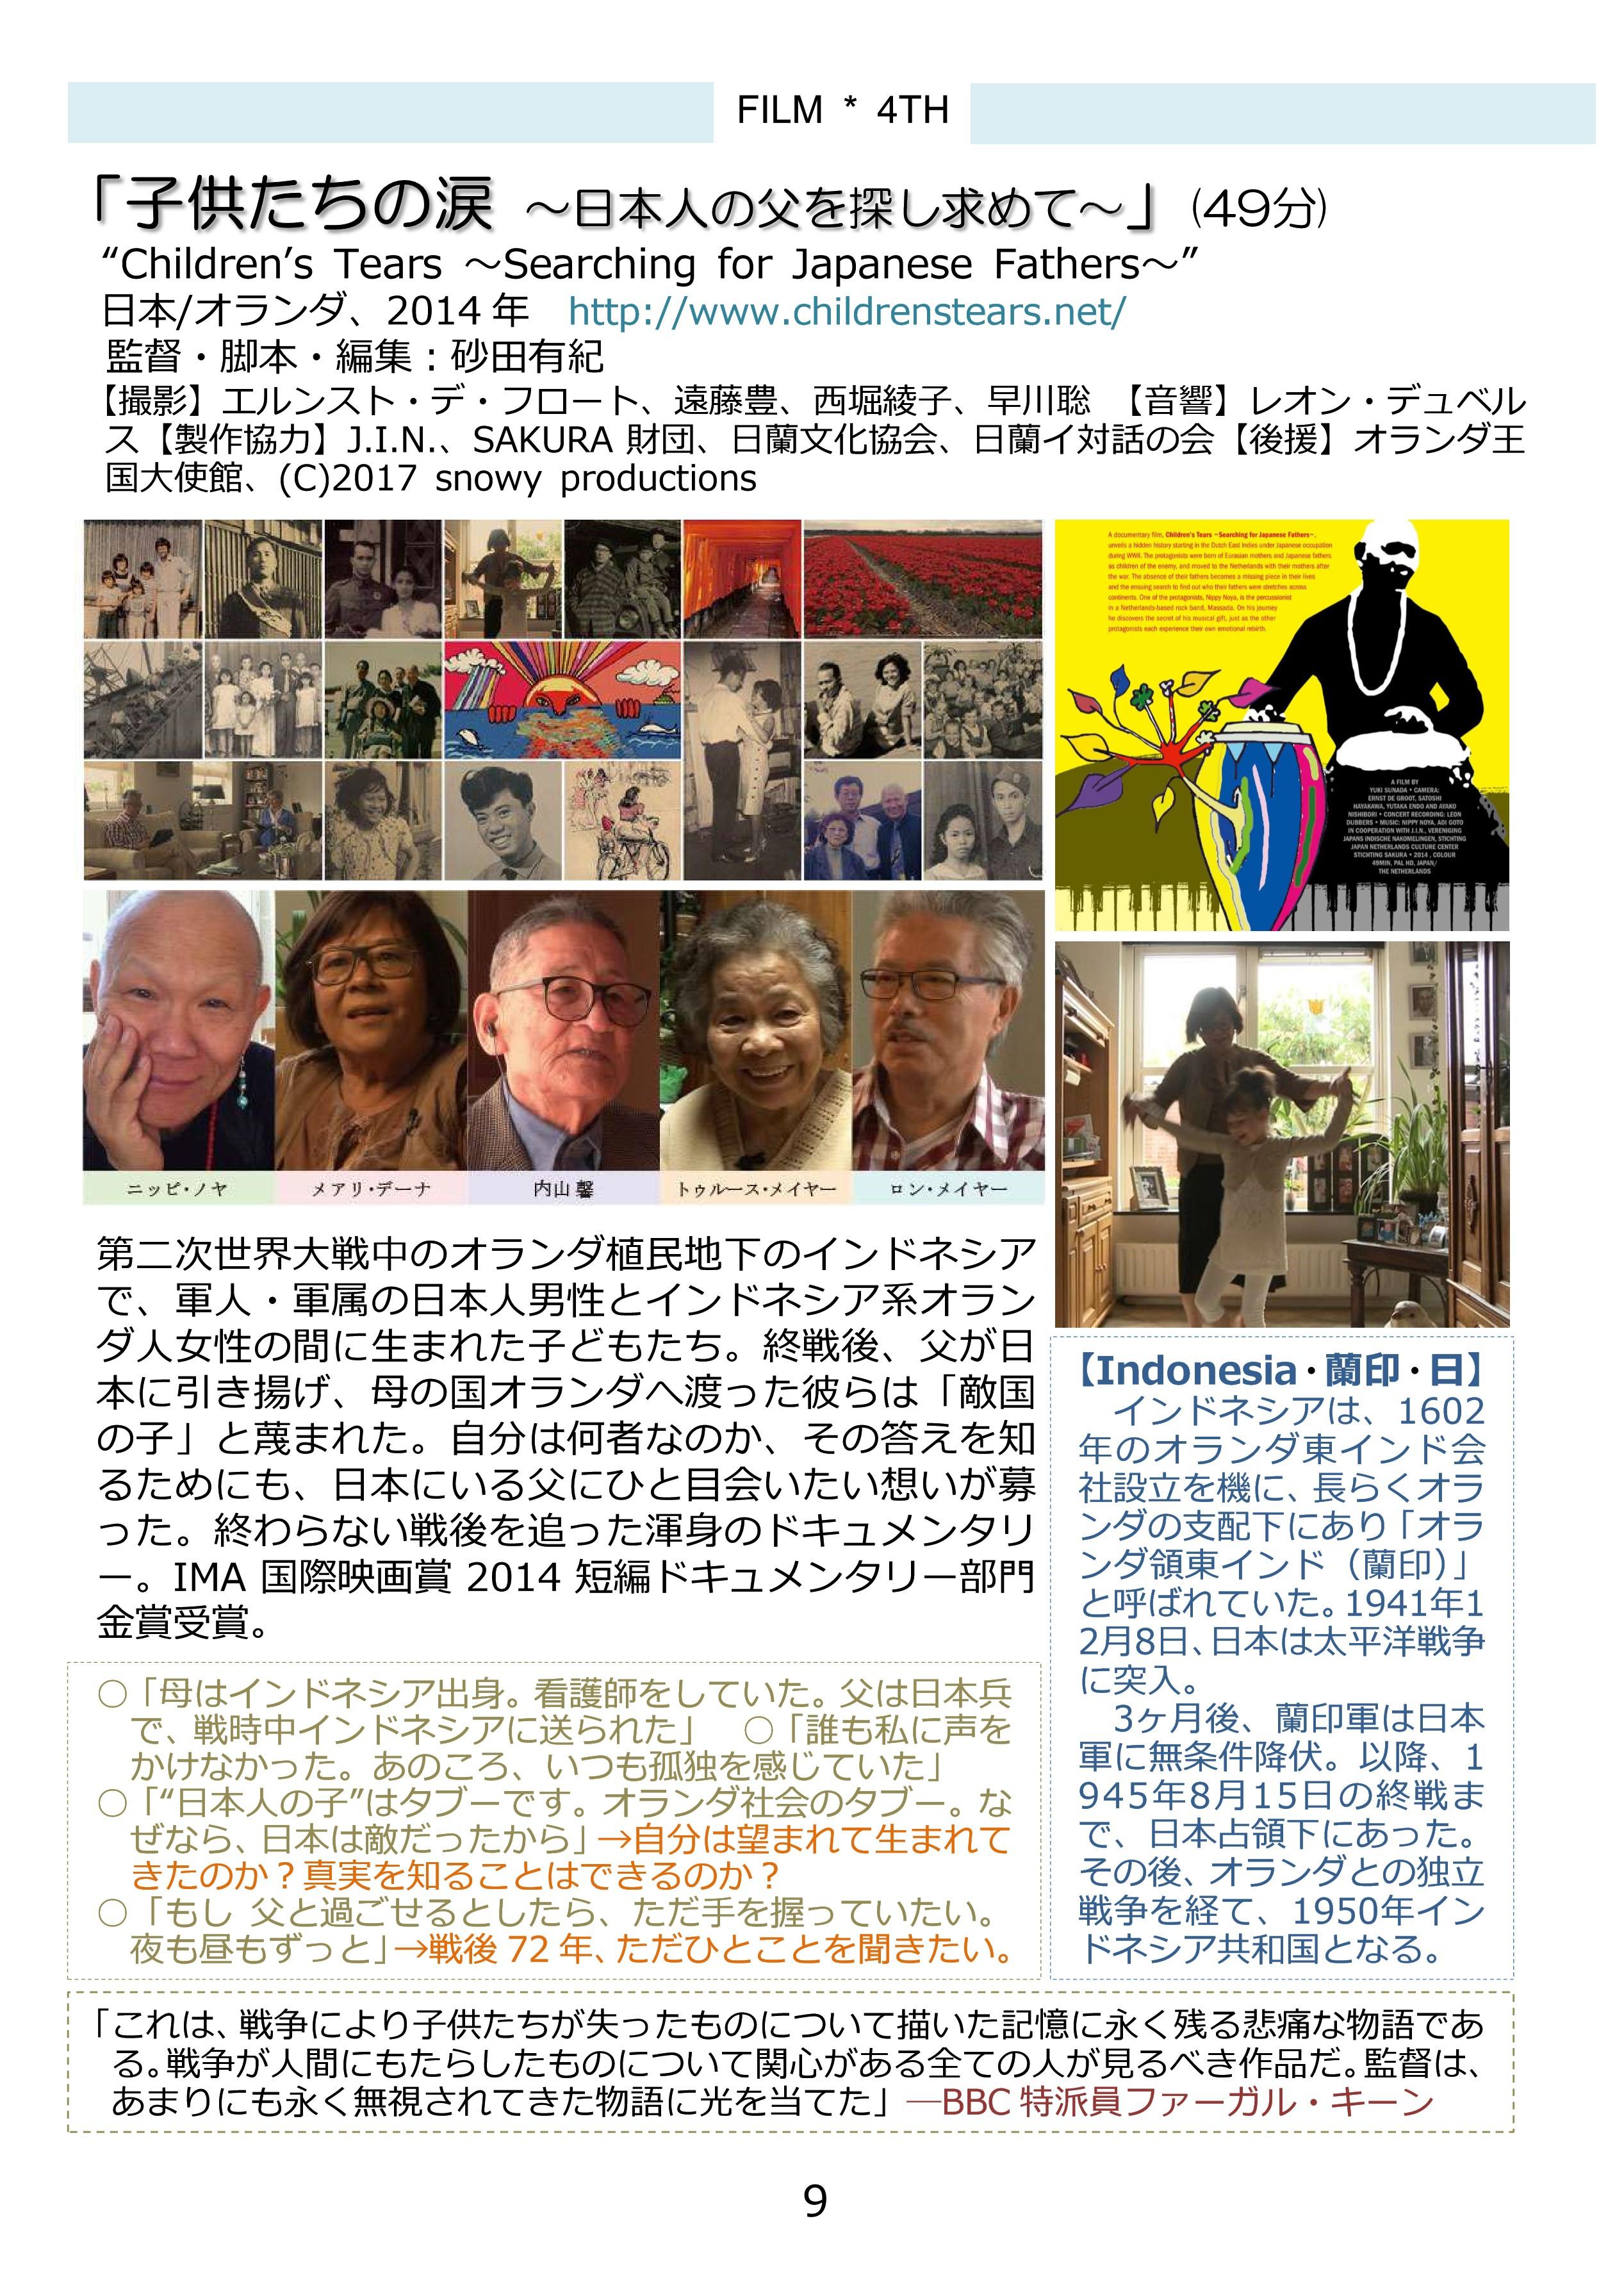 東アジア市民共生映画祭